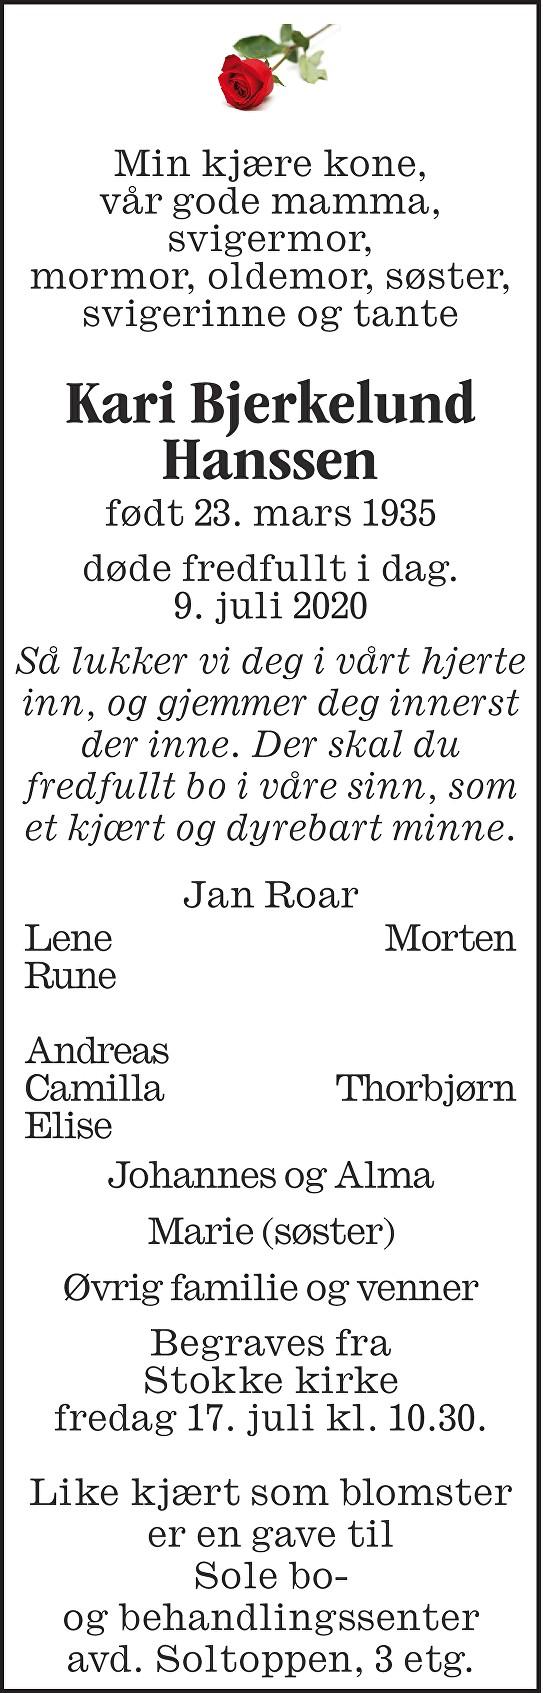 Kari Bjerkelund Hanssen Dødsannonse